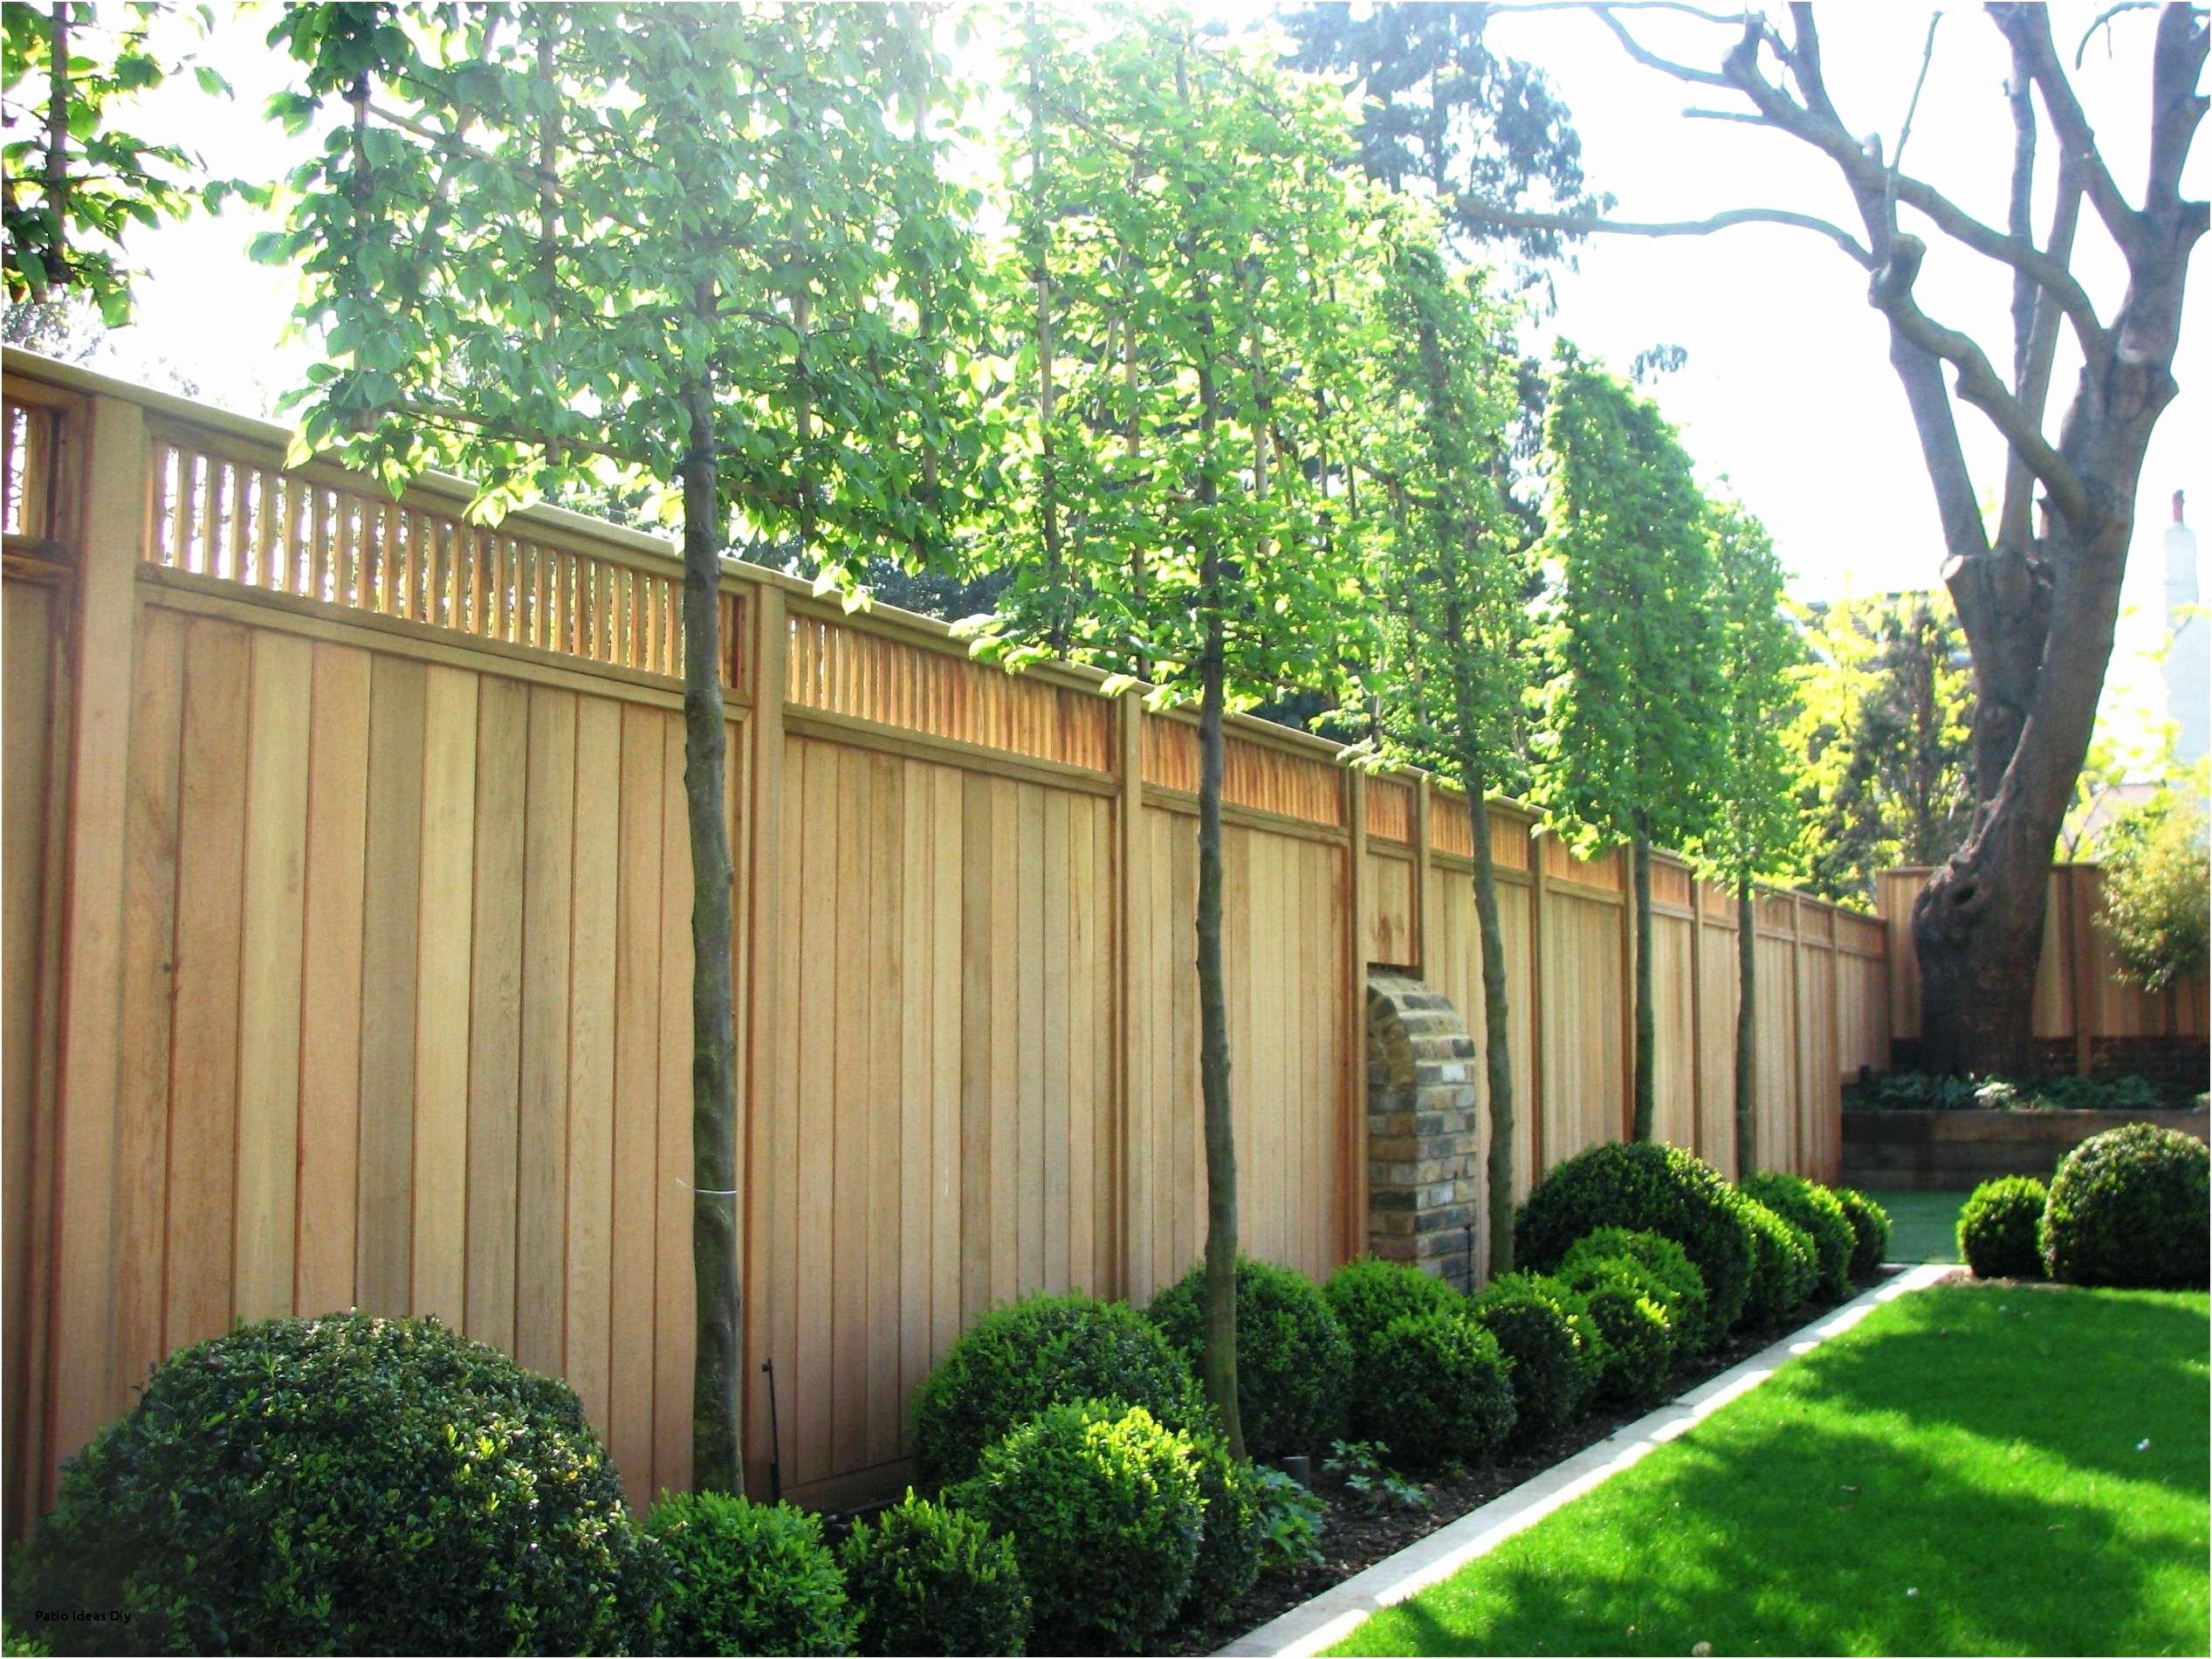 garden water features best of diy garten neu epic water feature garden diy gardening design ideas of garden water features